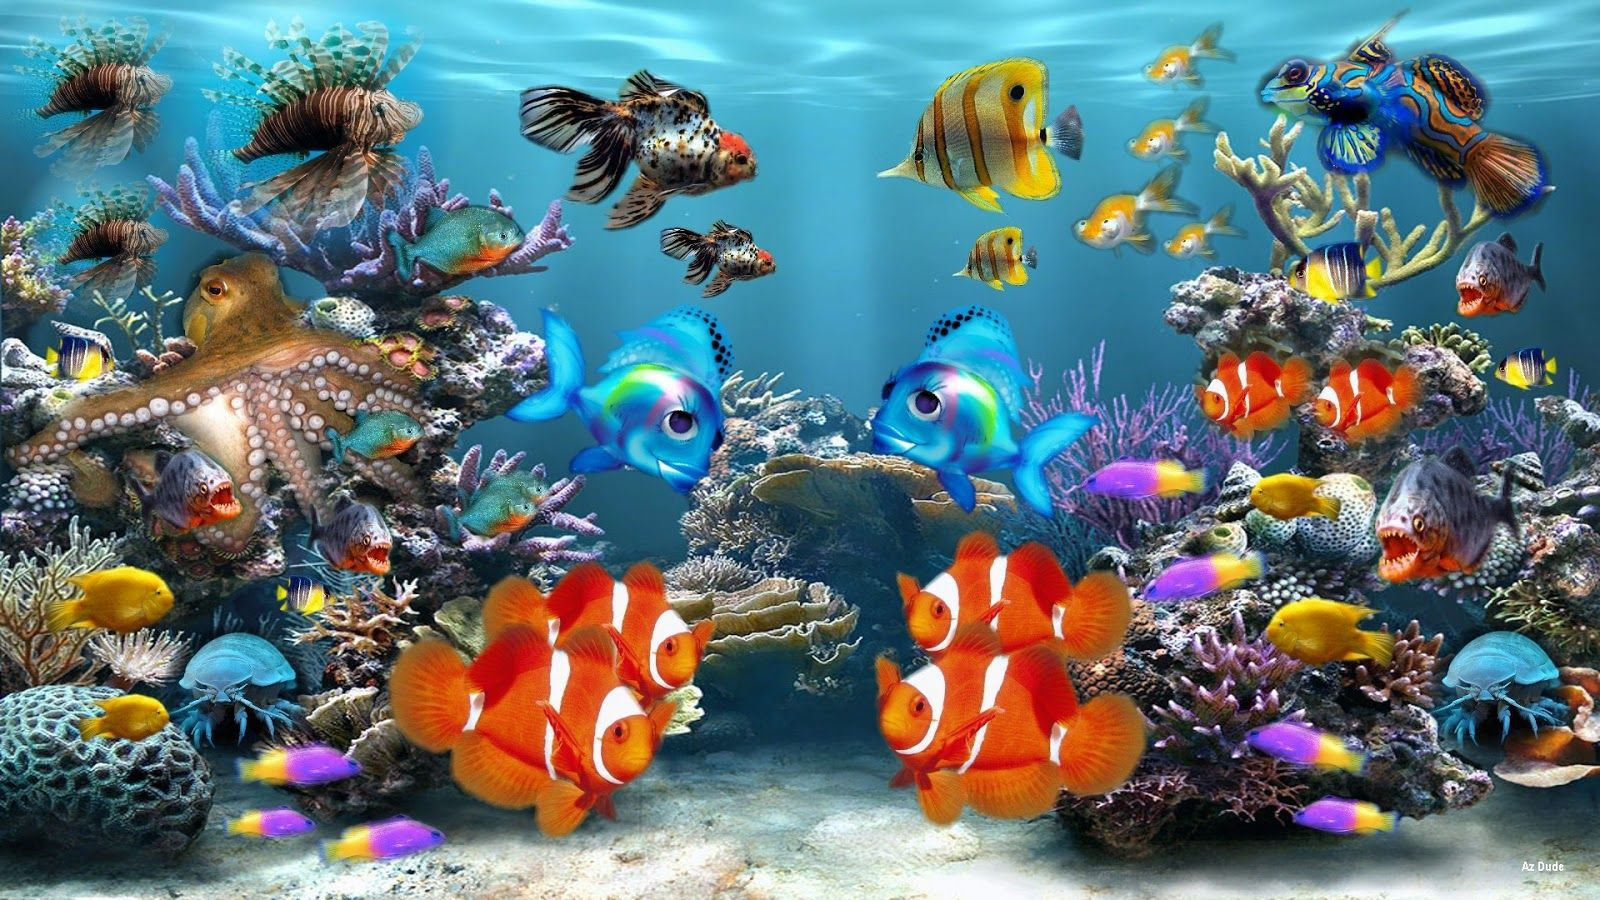 1600x900 Aquarium Wallpapers Top Free 1600x900 Aquarium Backgrounds Wallpaperaccess